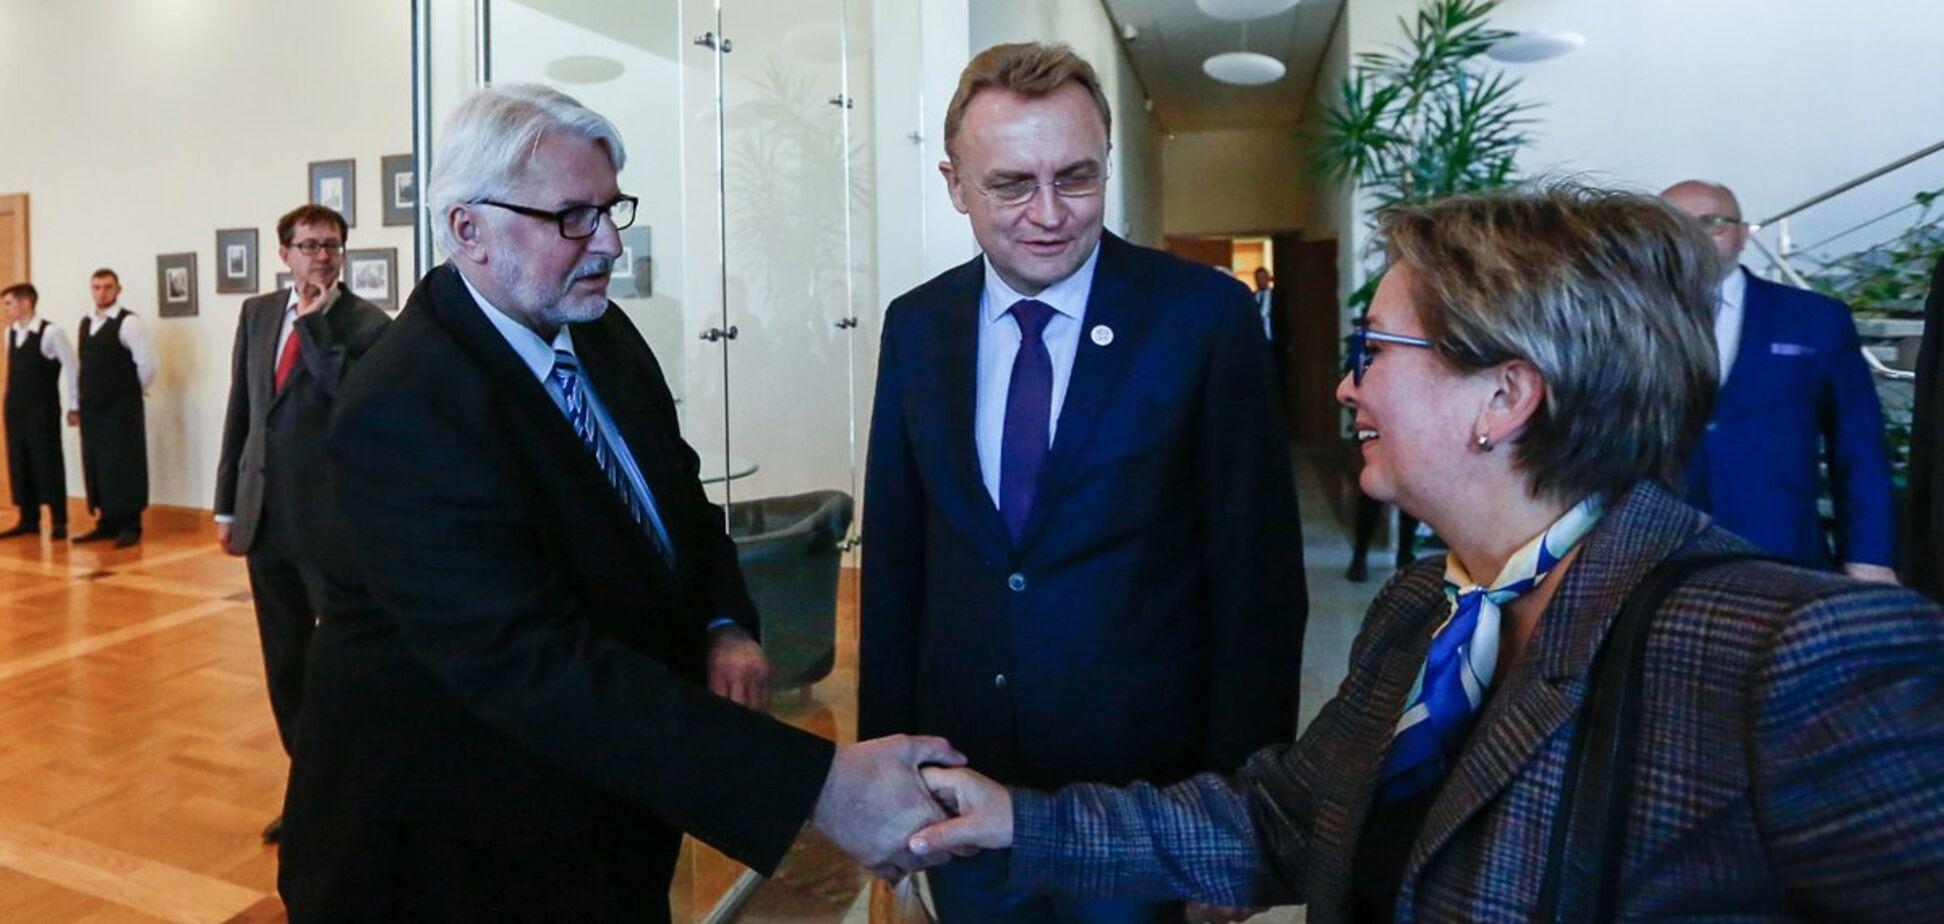 Мэр Львова провел закулисную встречу с польским министром-украинофобом: появились детали